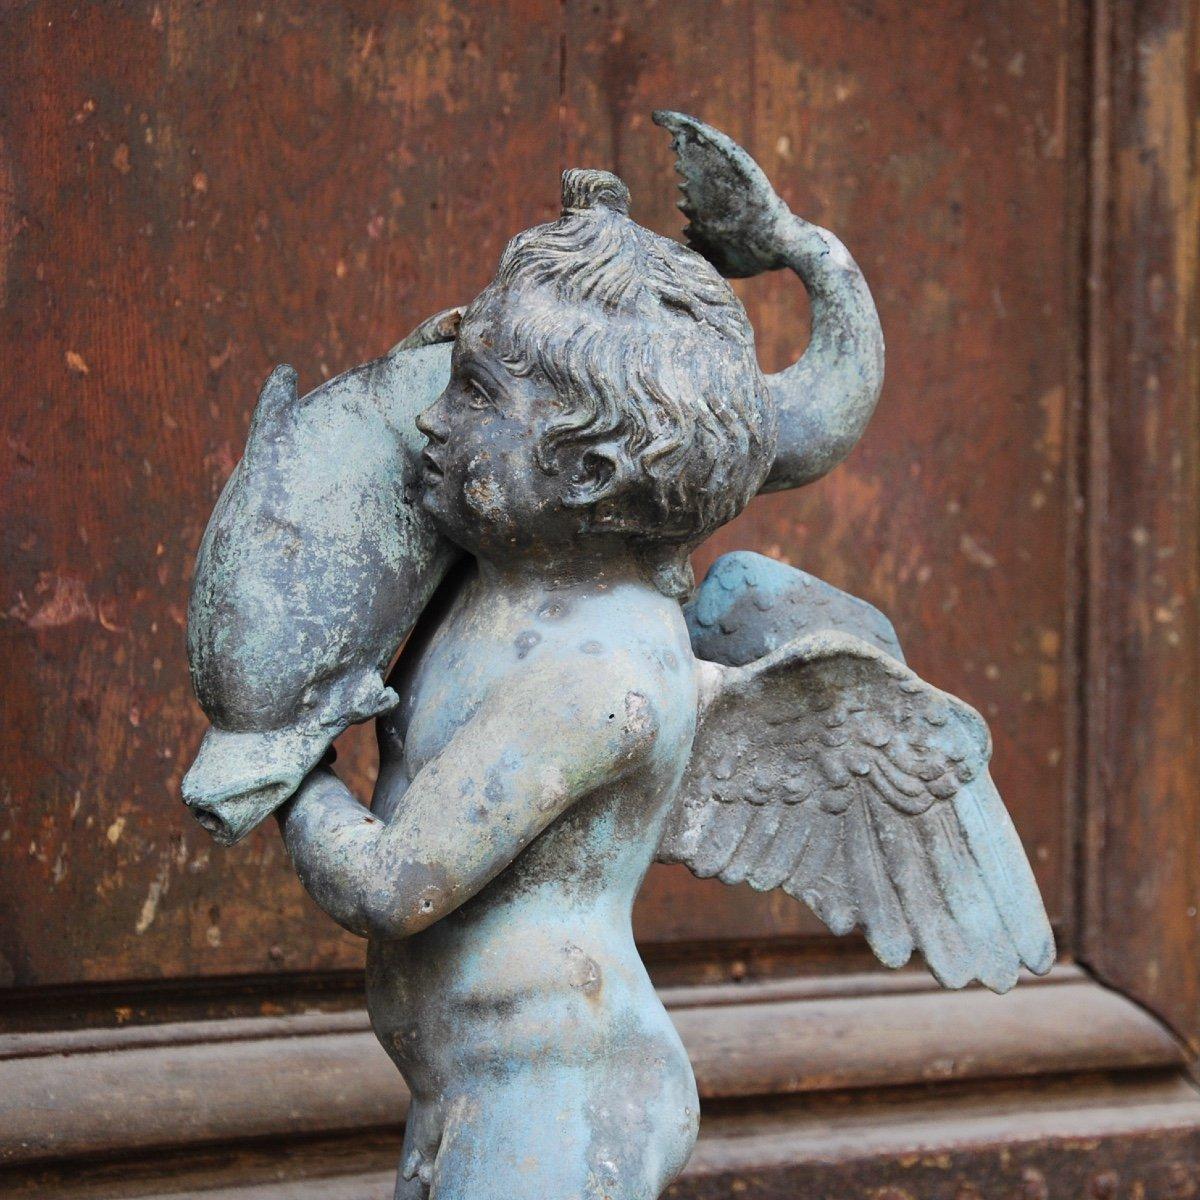 Sculpture En Bronze Au Dauphin Du Grand Tour-photo-5